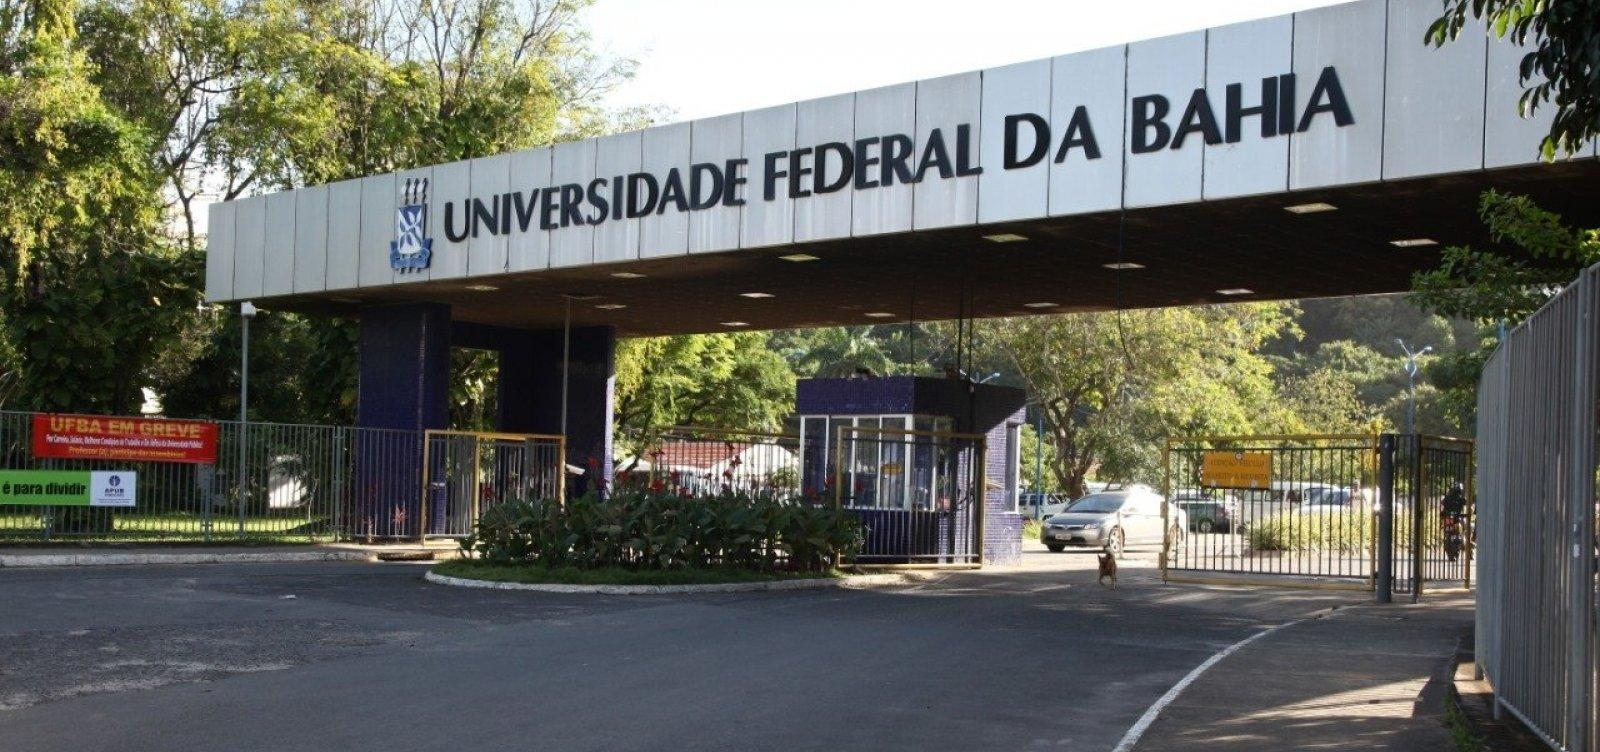 Ufba repudia violência contra professores, alunos e servidores em campi